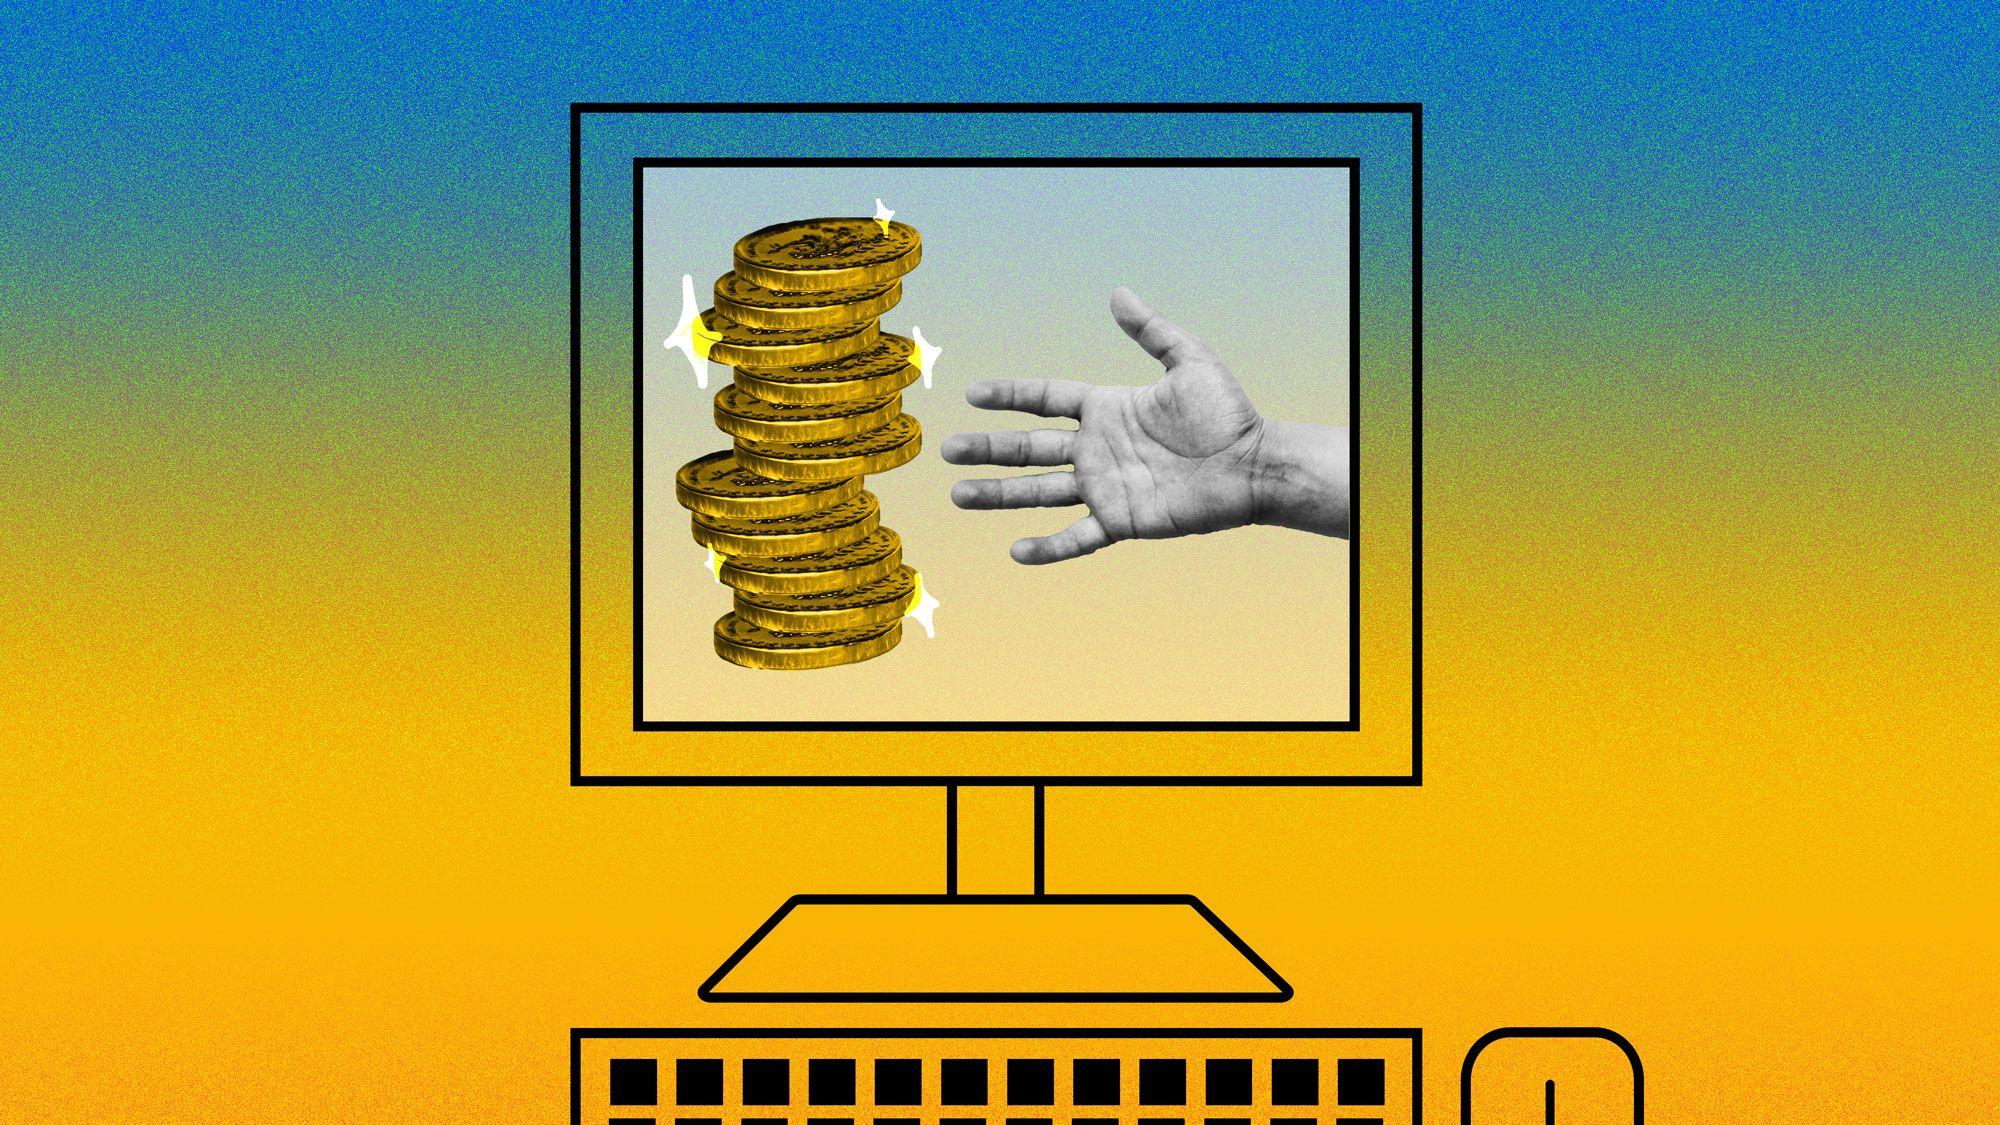 人気暗号通貨取引所を襲った標的型攻撃、その驚くべき実態